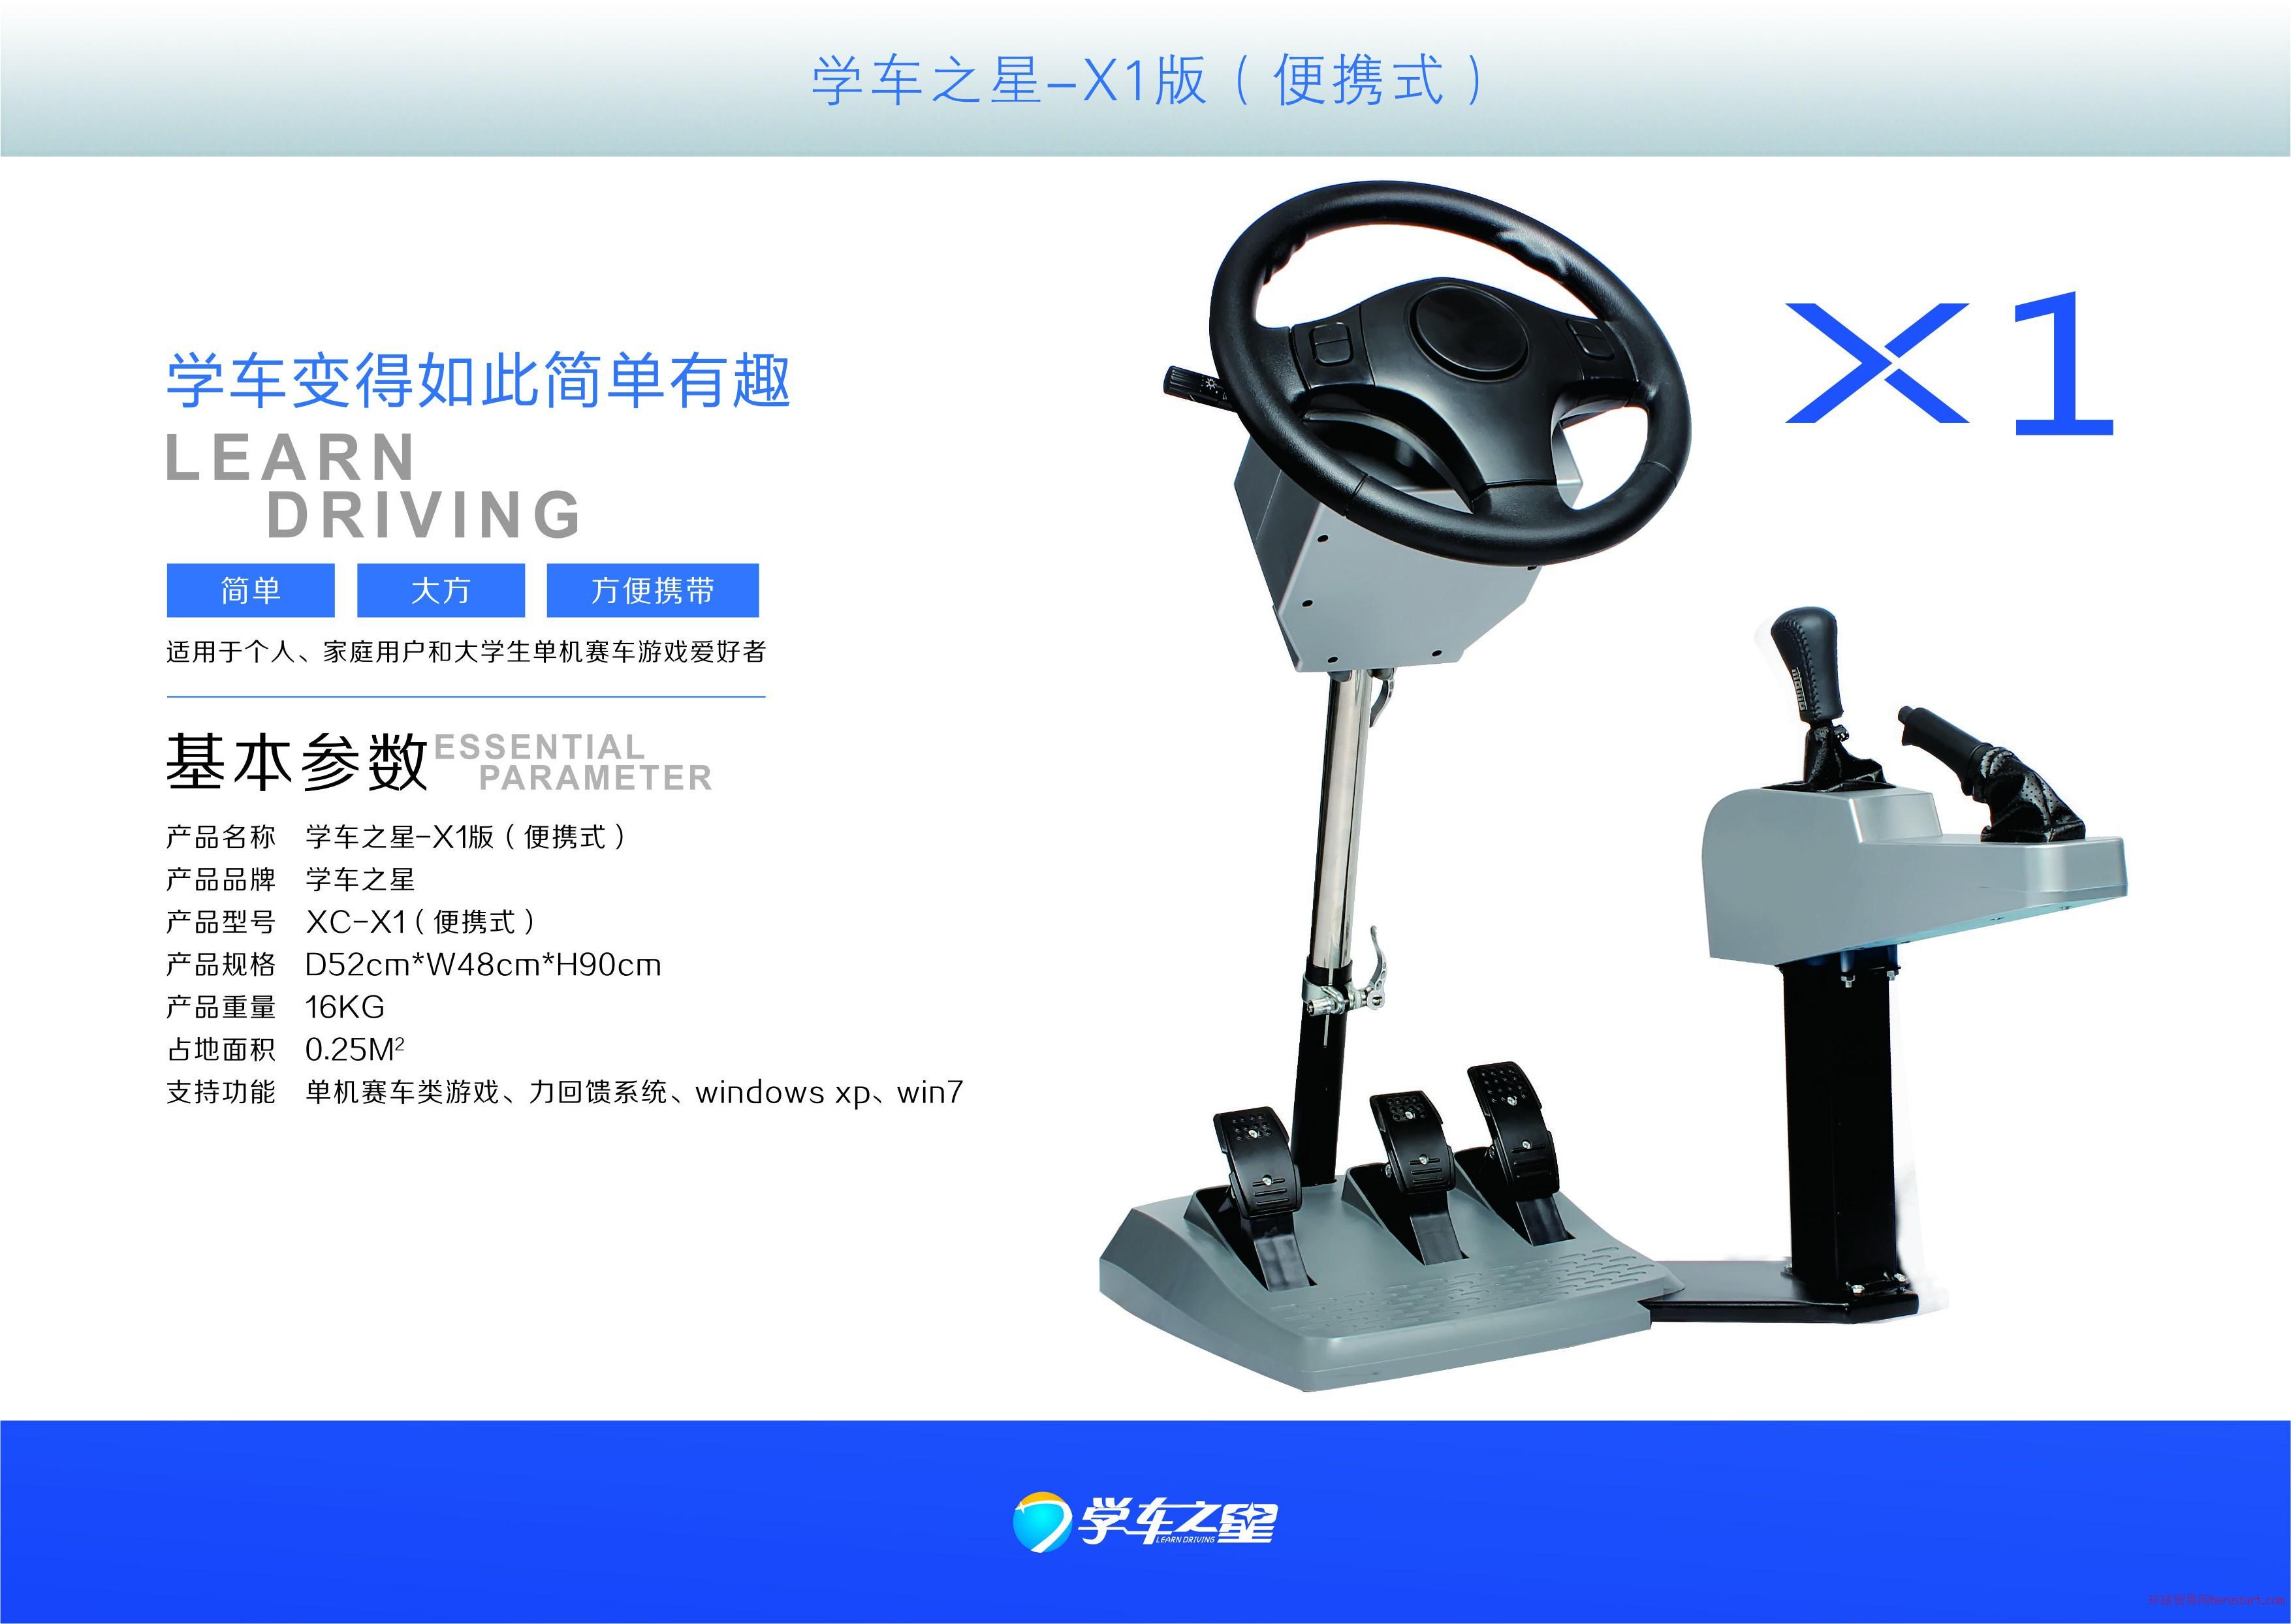 石家庄汽车模拟驾驶训练器